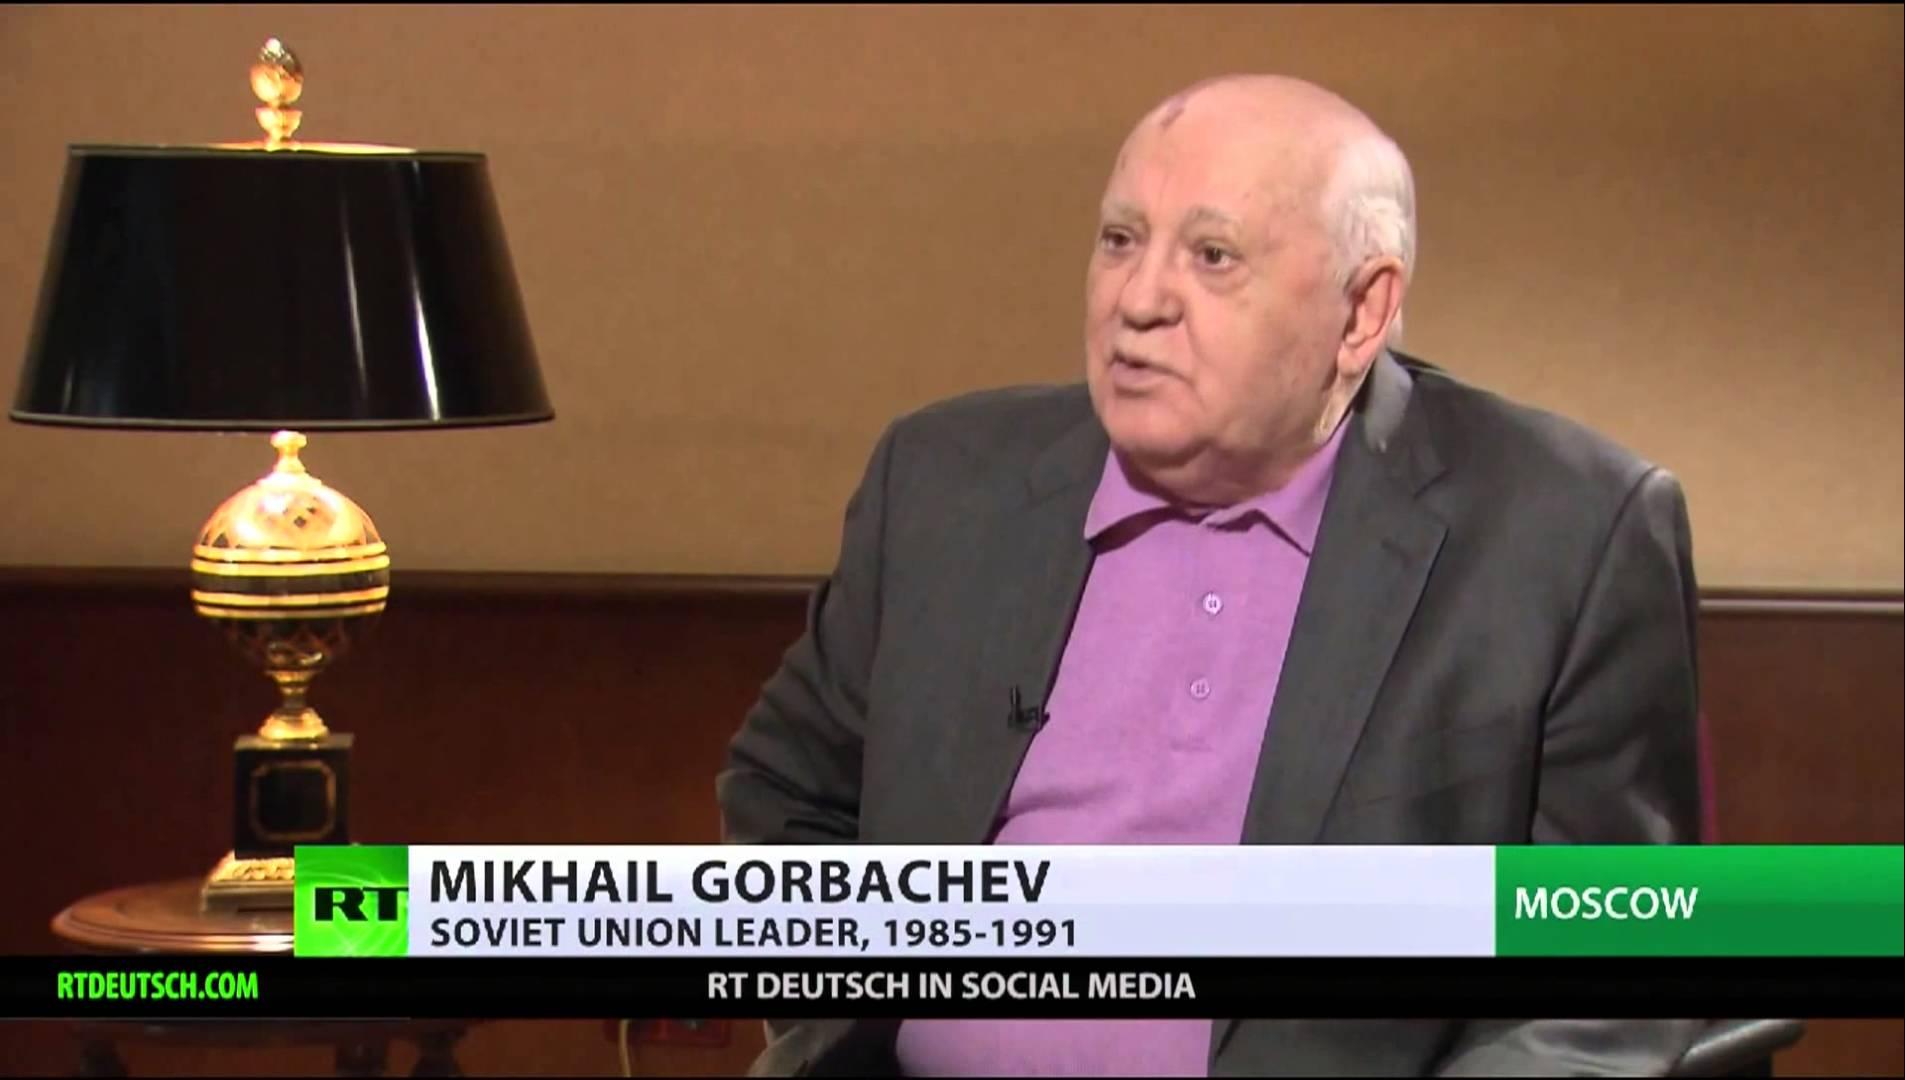 Vorschau auf RT Exklusiv-Interview mit Michael Gorbatschow am 19.12.